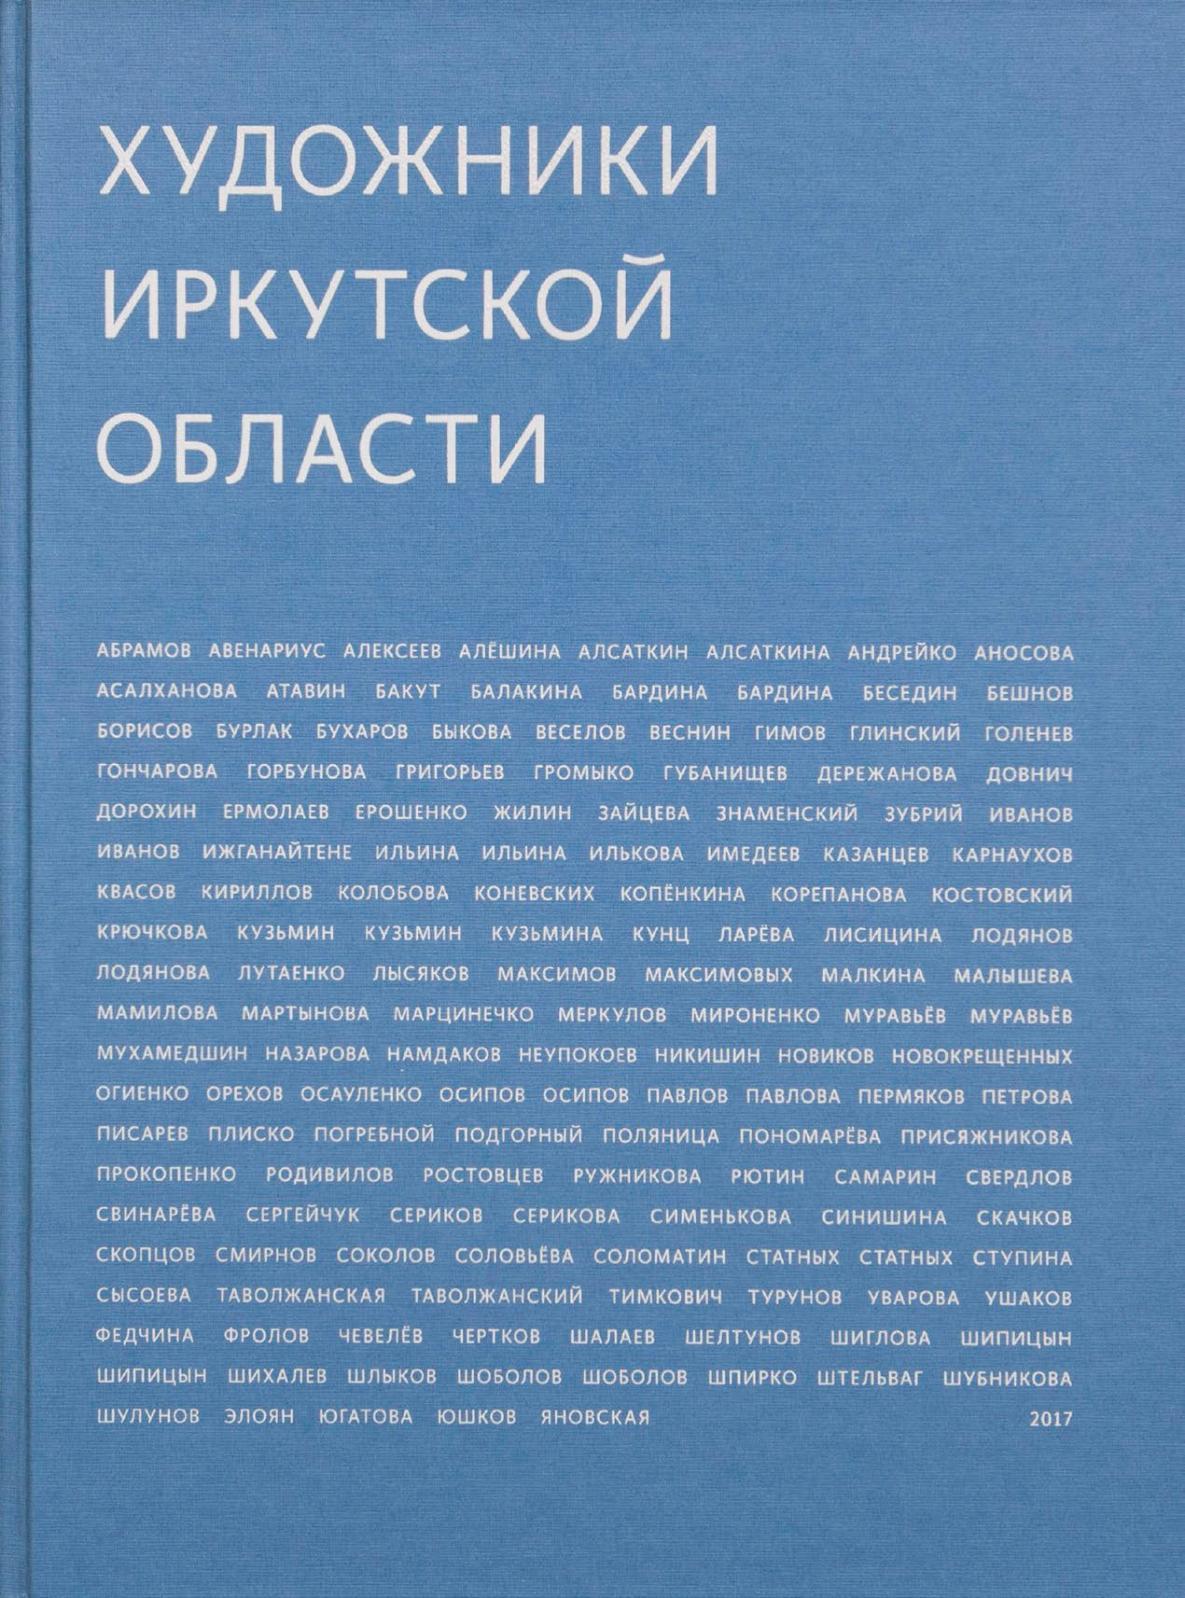 Член союза художников анна яровая галерея студия 1 1 киев